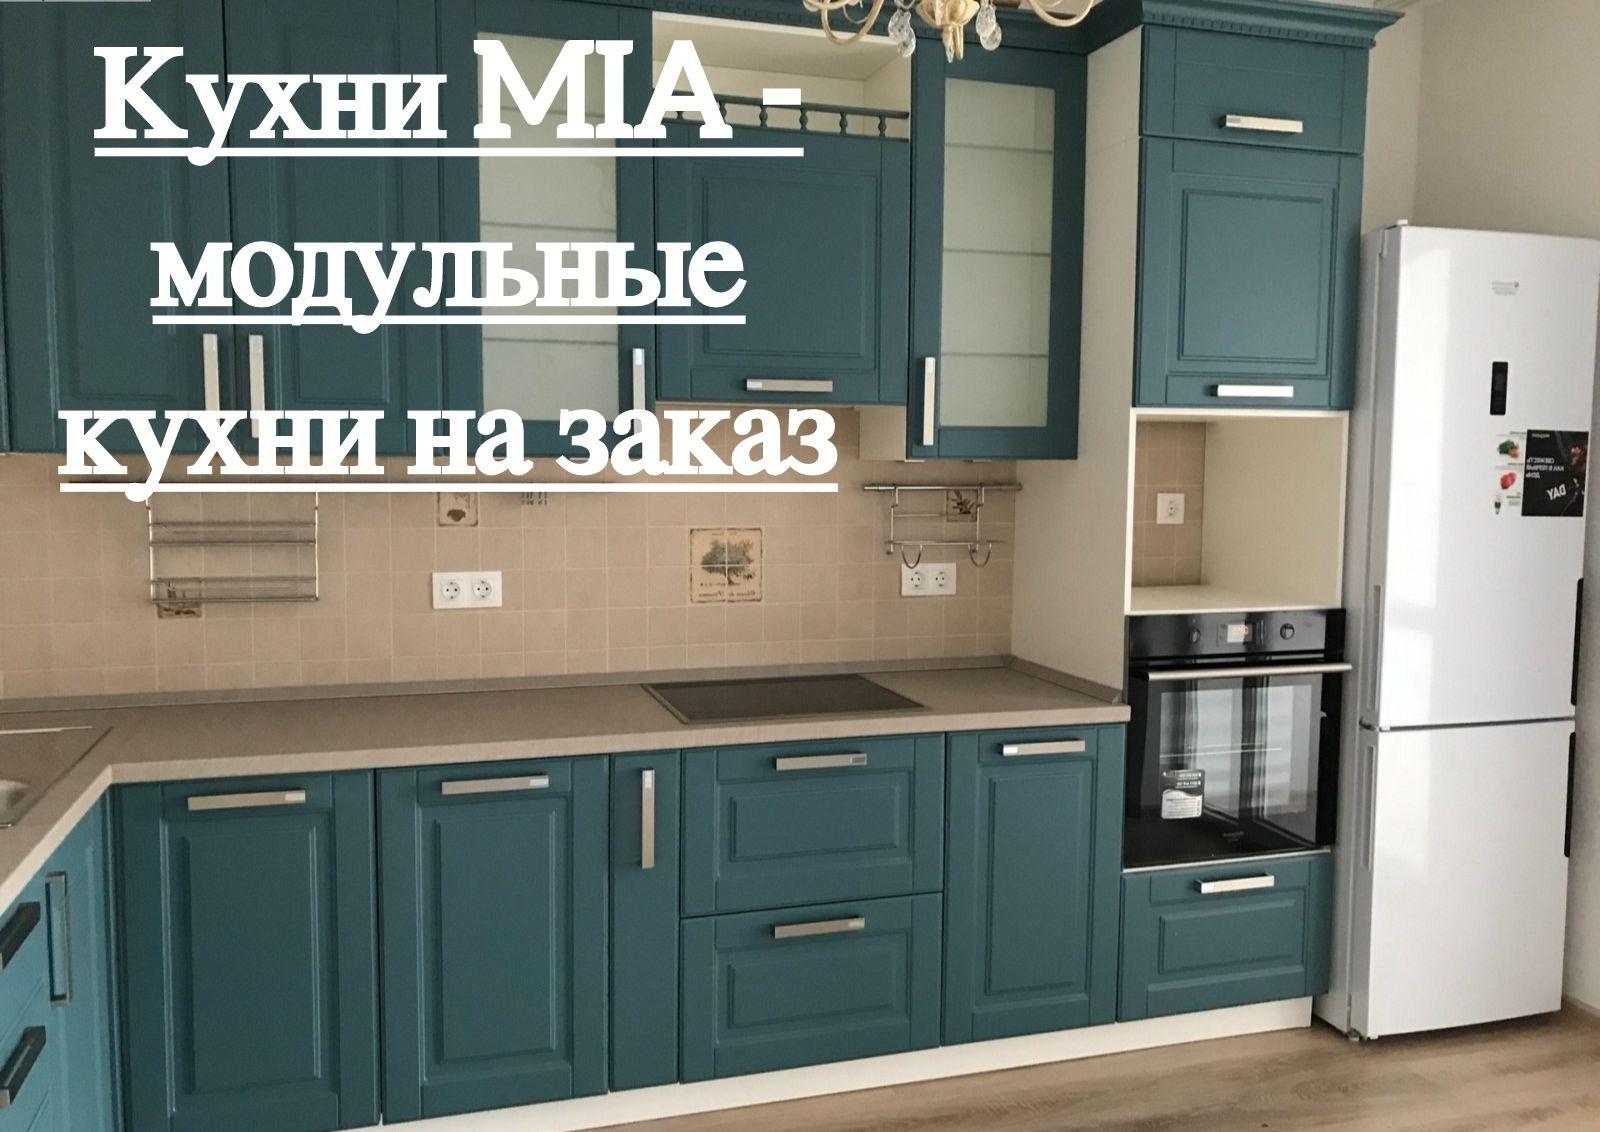 Модульный кухонный гарнитур зеленого цвета в квартире в Москве